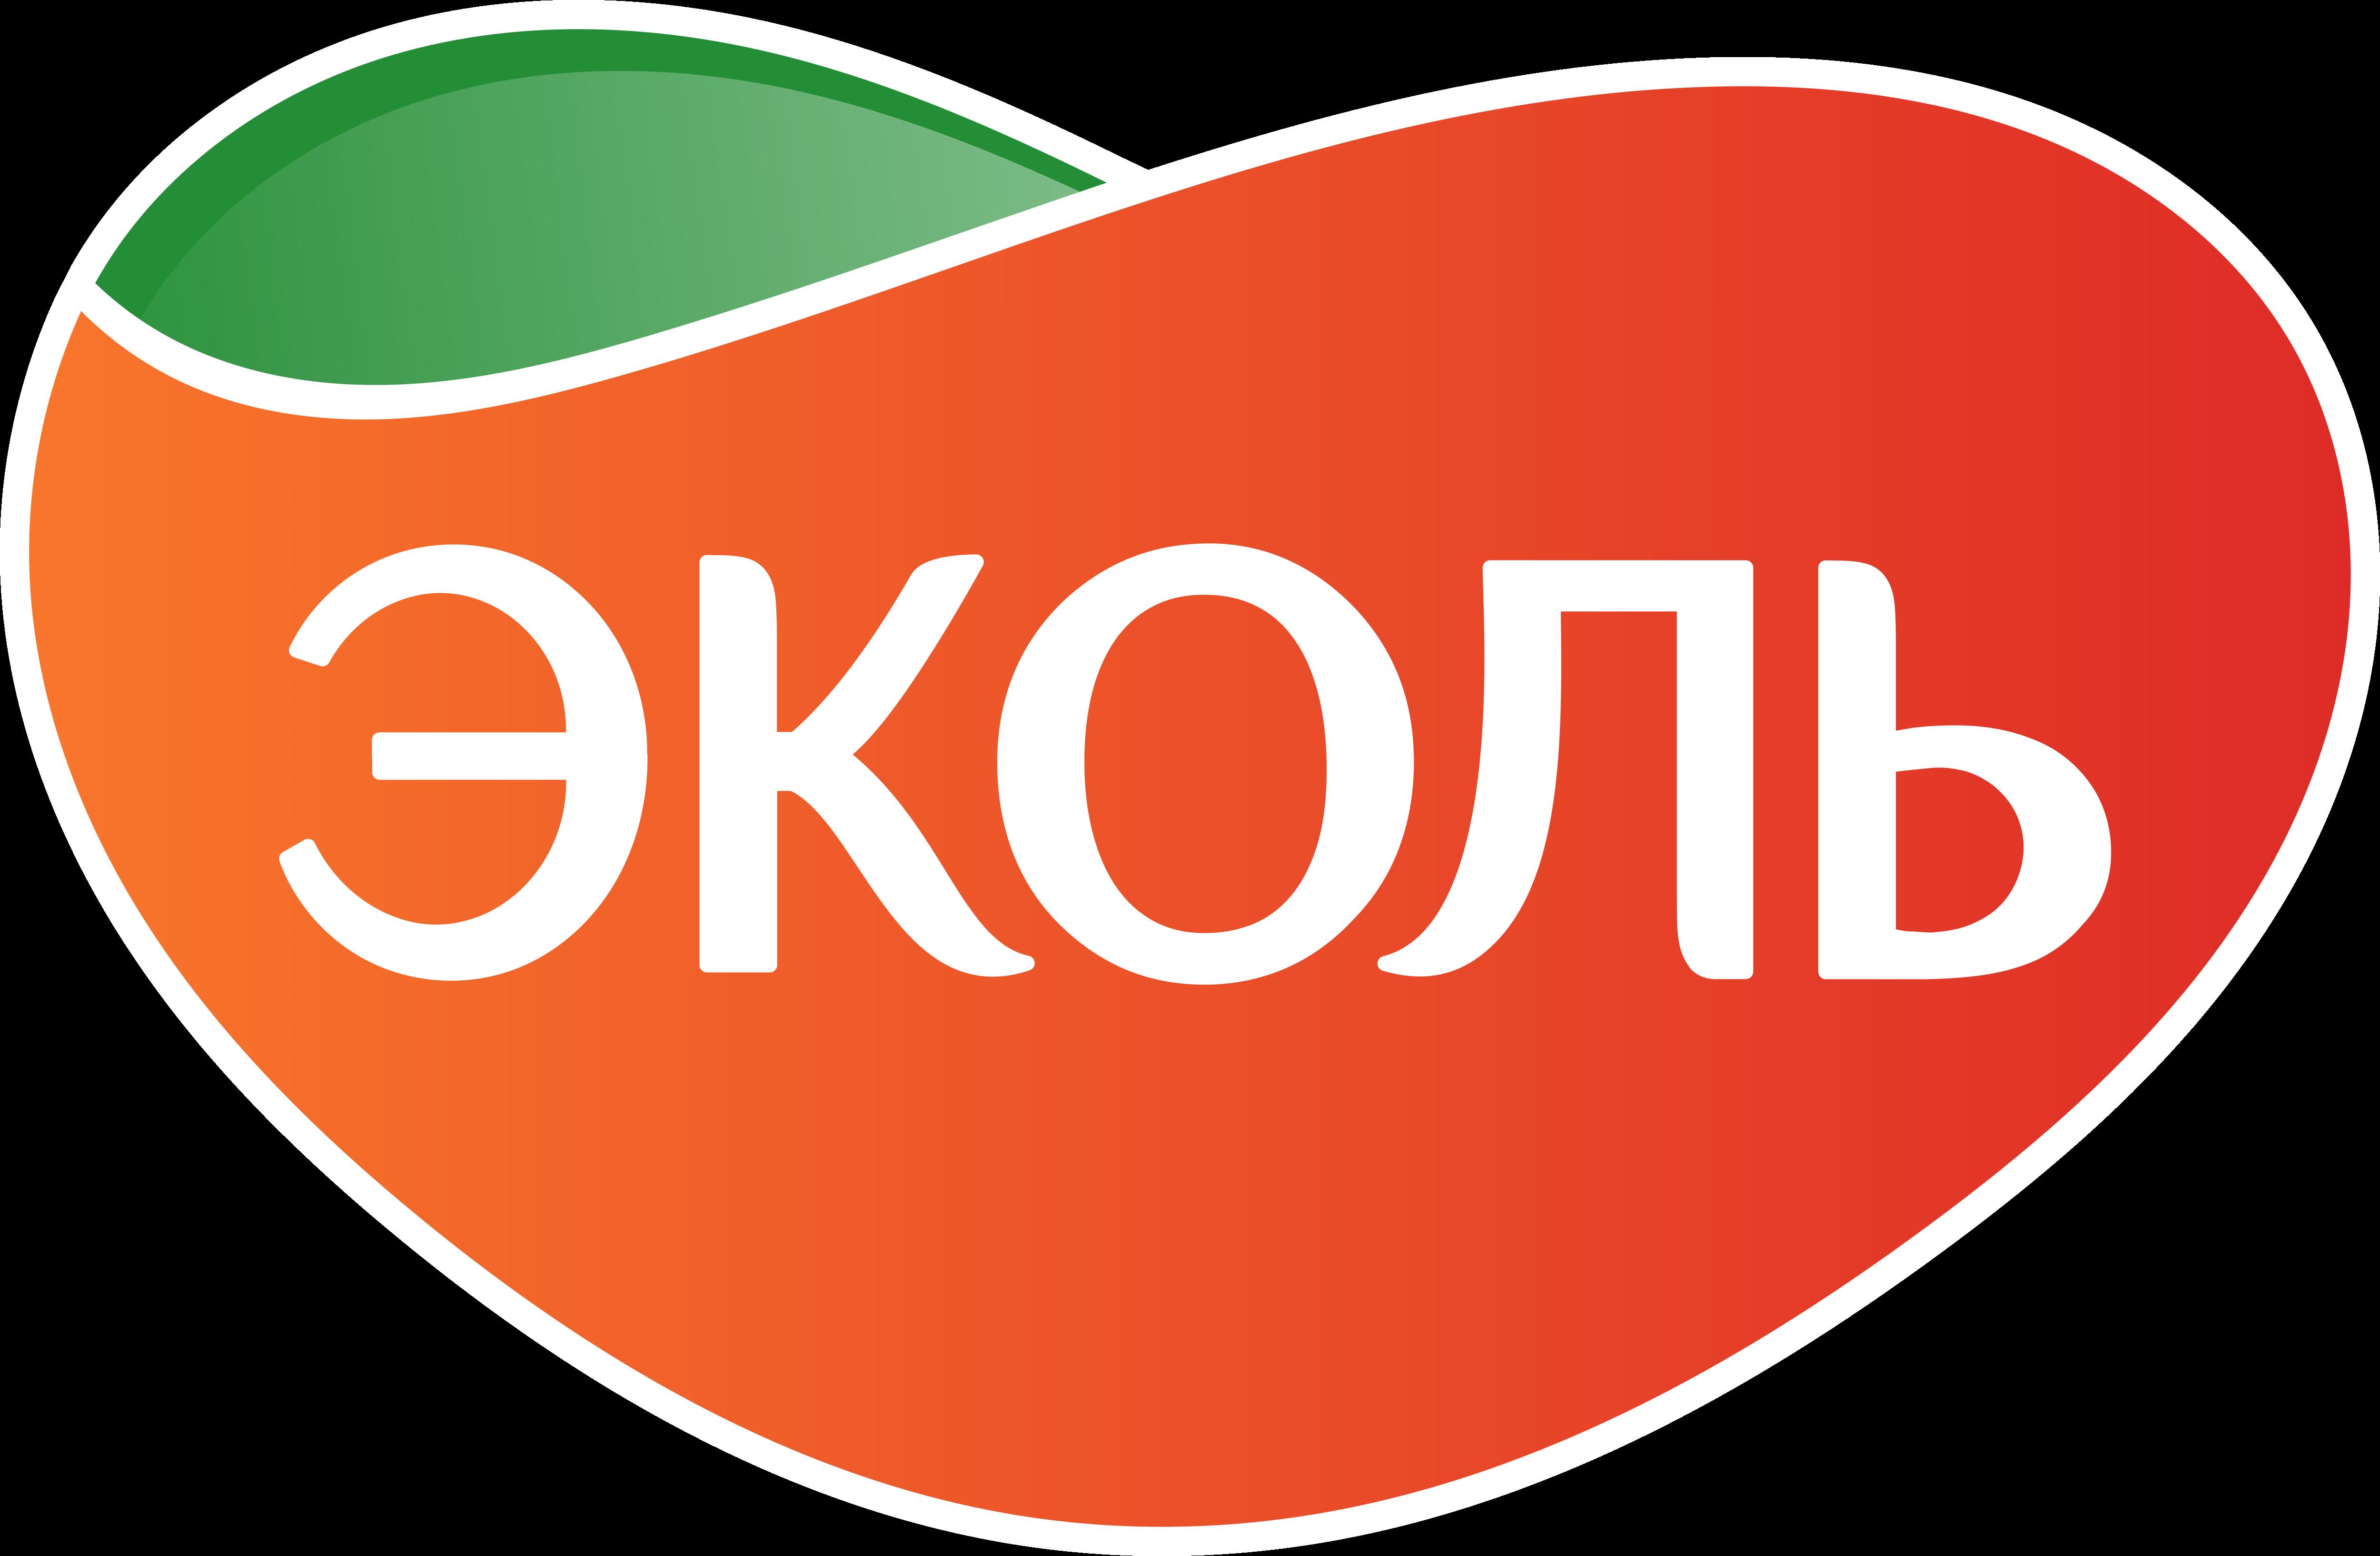 Лого с белой обводкой EKOL EKOLMARKET ЭКОЛЬ